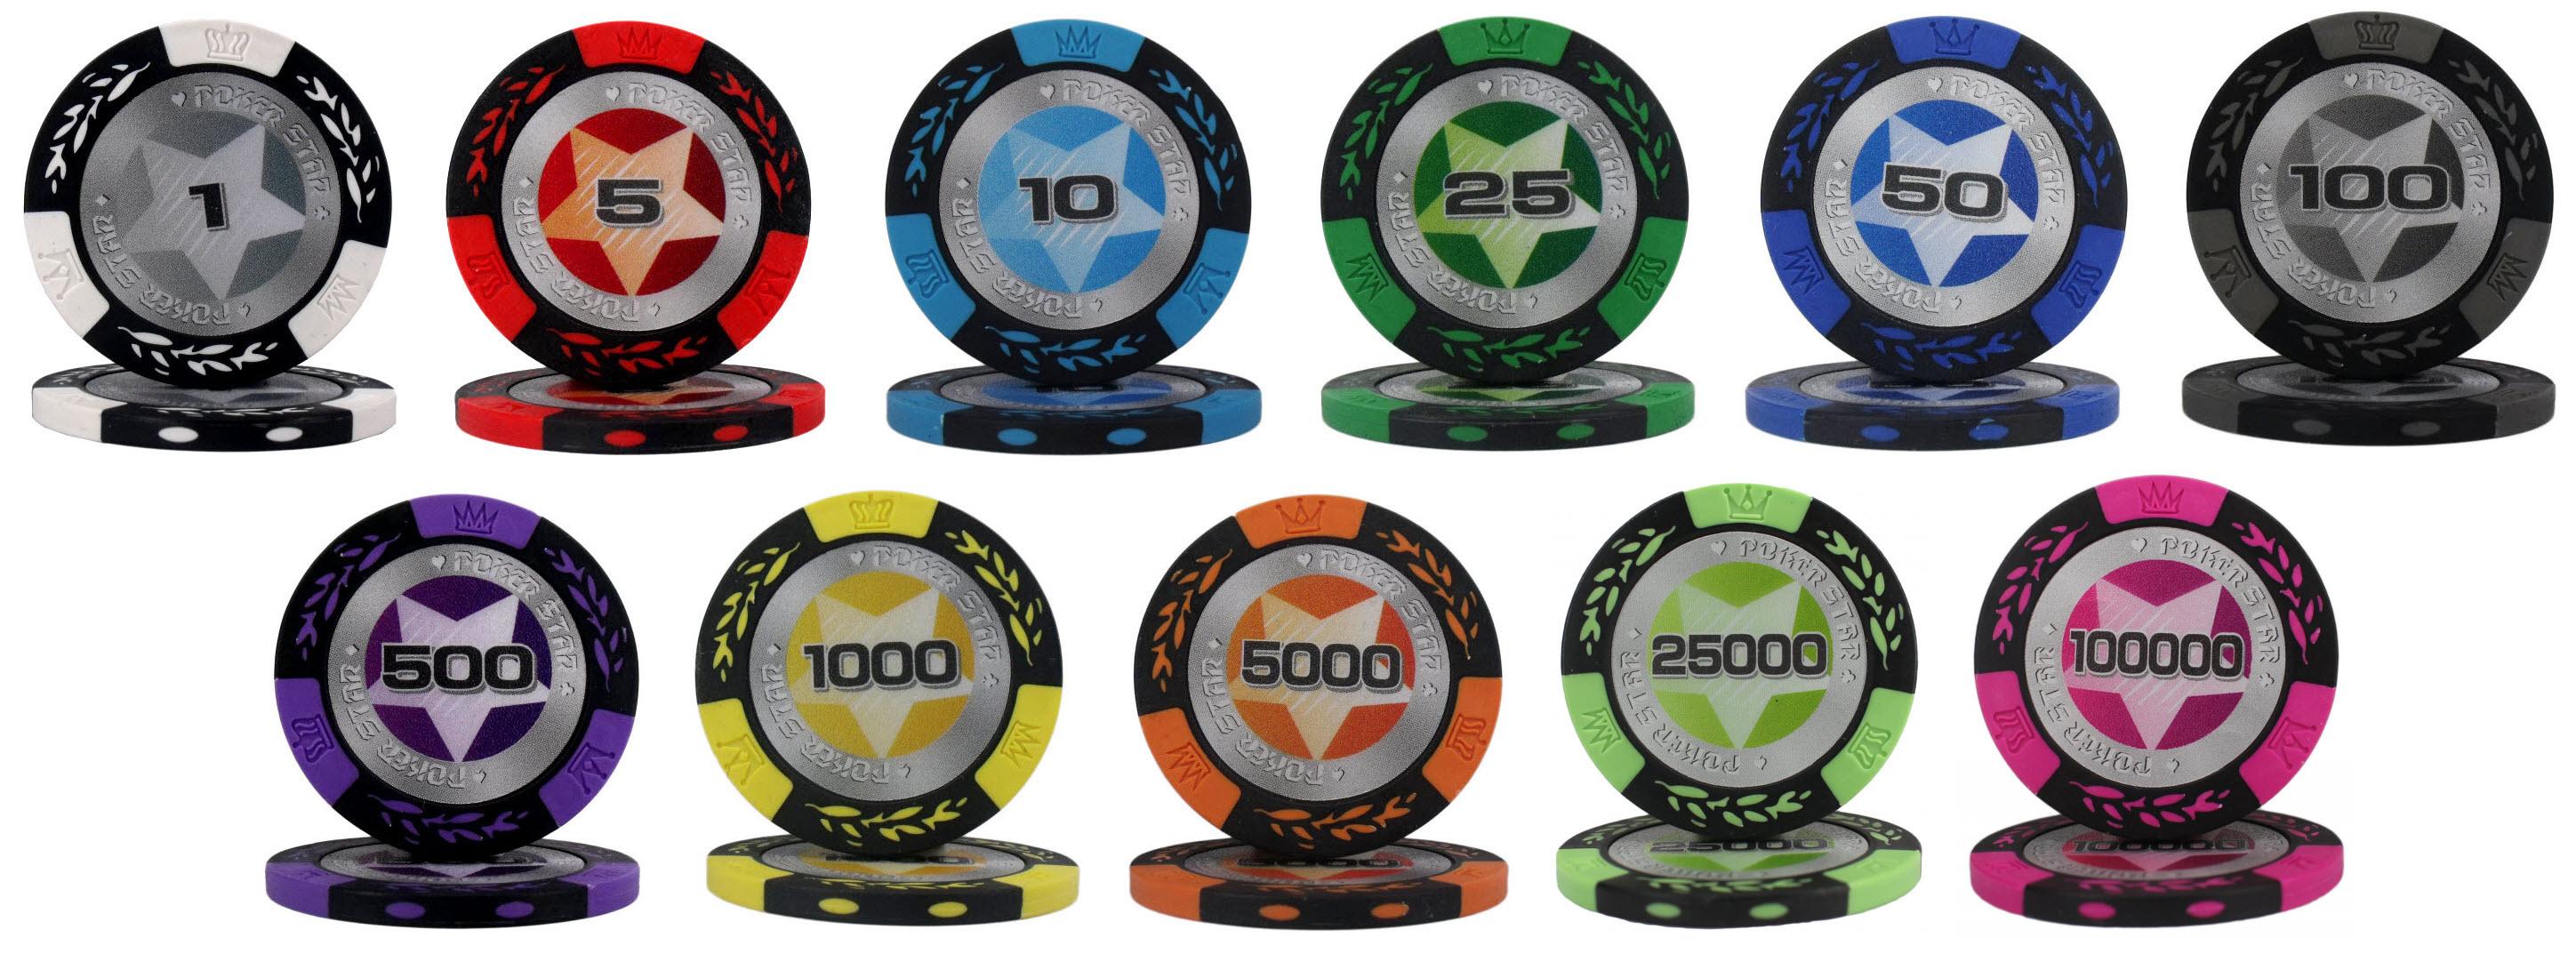 Фишки Poker Star полная коллекция